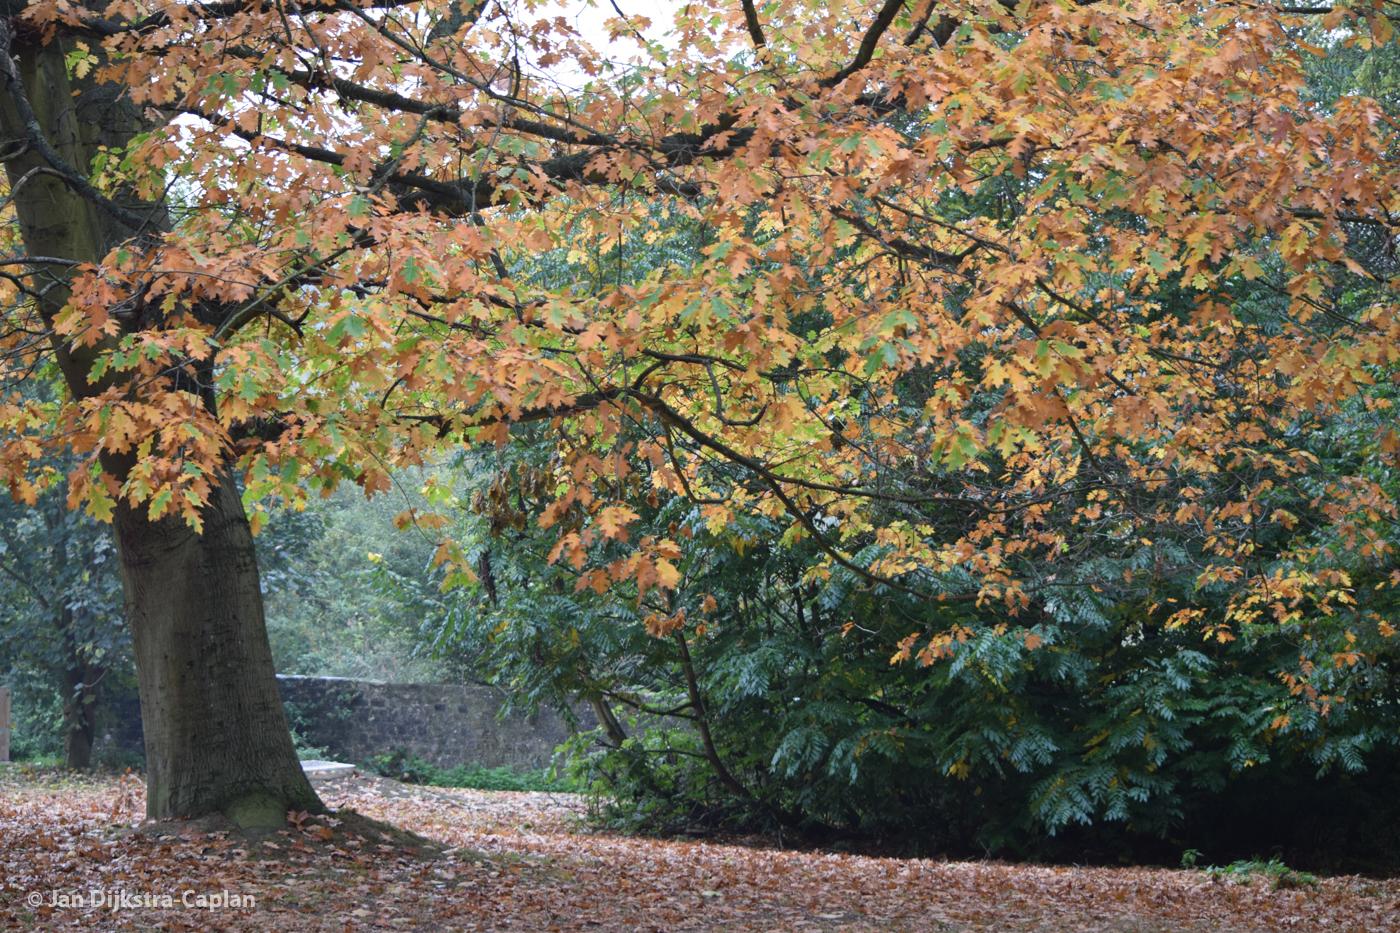 Mote Park's Autumn Leaves